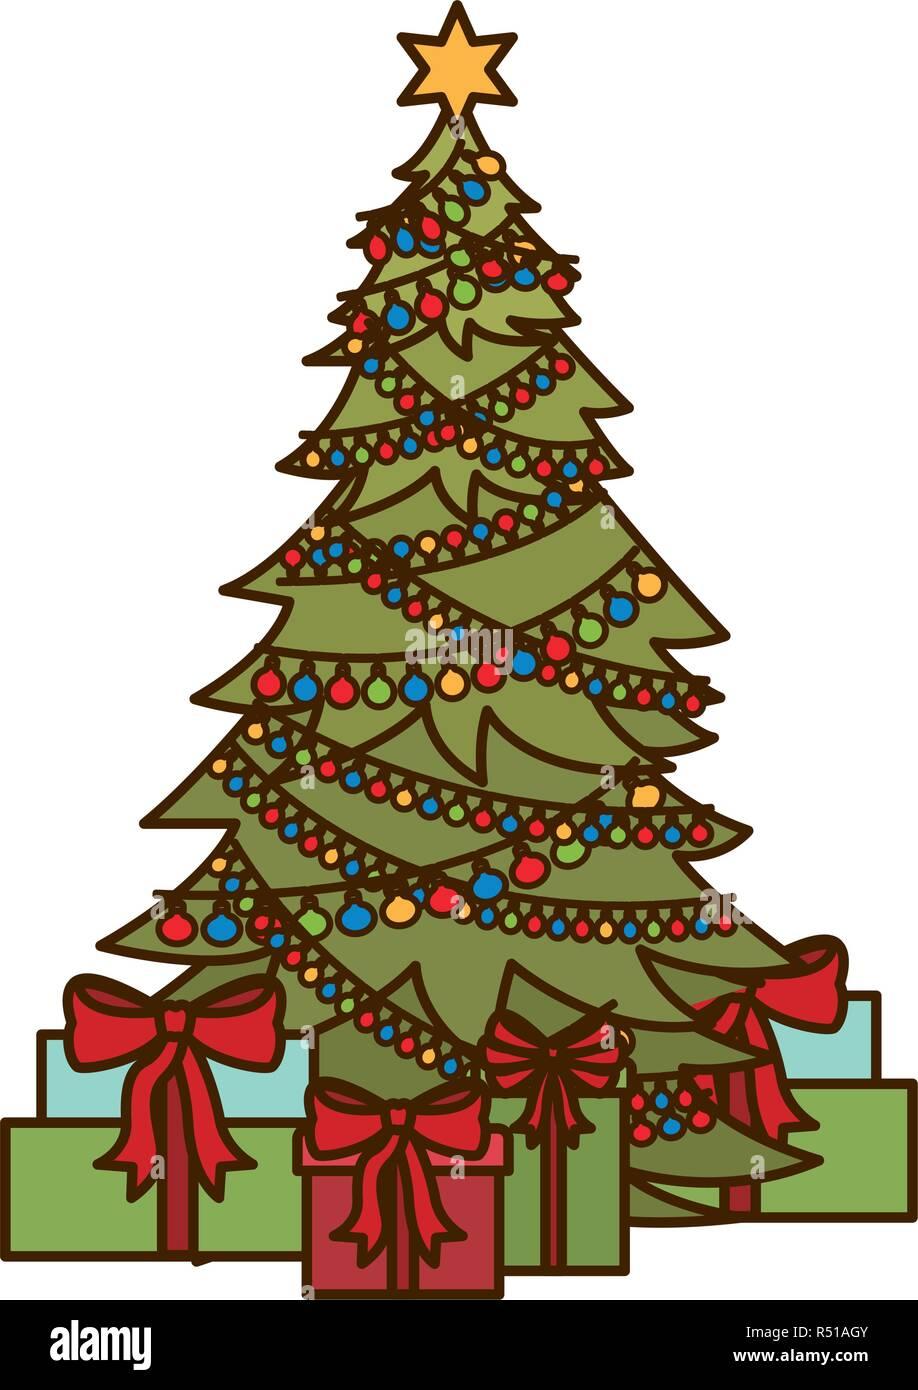 Symbol Weihnachtsbaum.Weihnachtsbaum Mit Geschenken Isolierte Symbol Vektor Abbildung